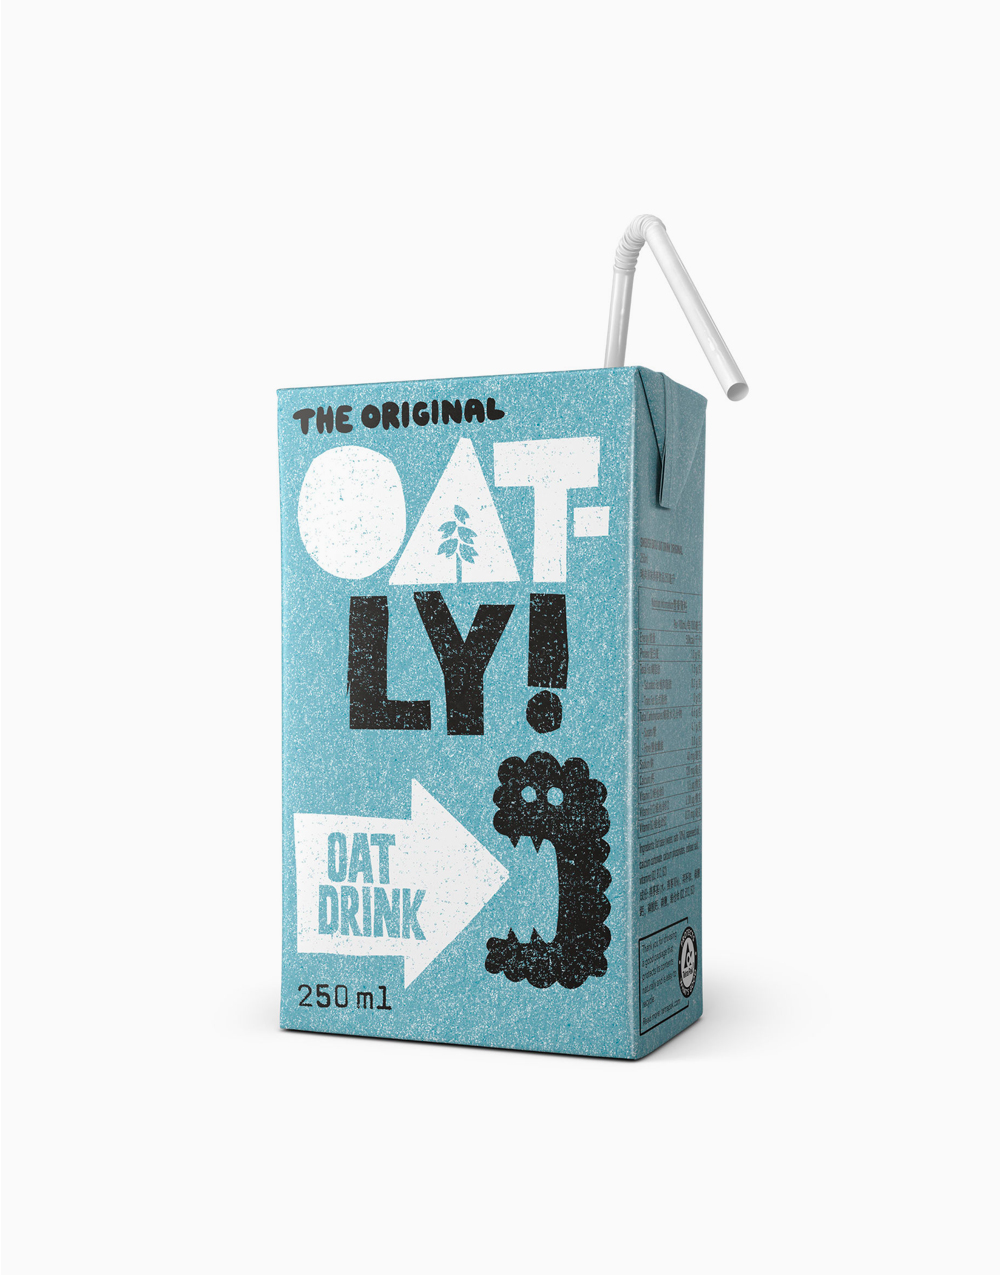 Oat Drink Original (250ml) by Oatly